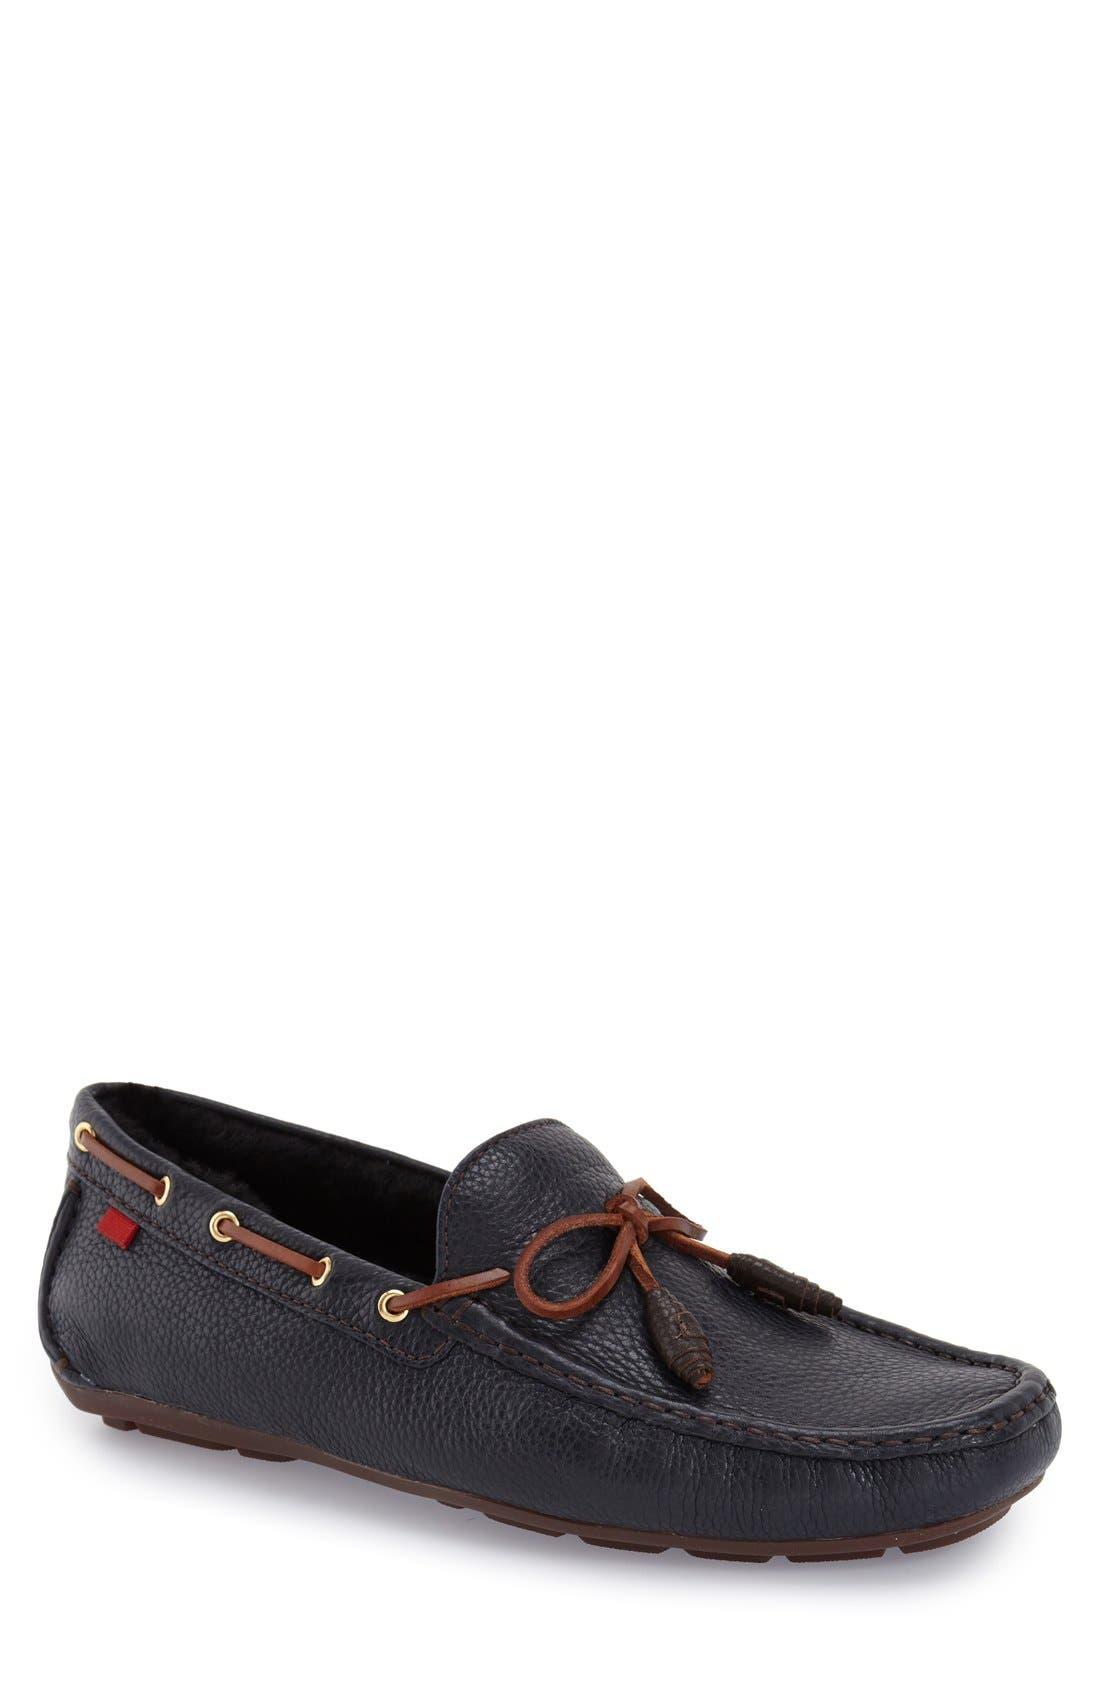 Alternate Image 1 Selected - Marc Joseph New York 'Rockefeller' Genuine Shearling Lined Driving Shoe (Men)